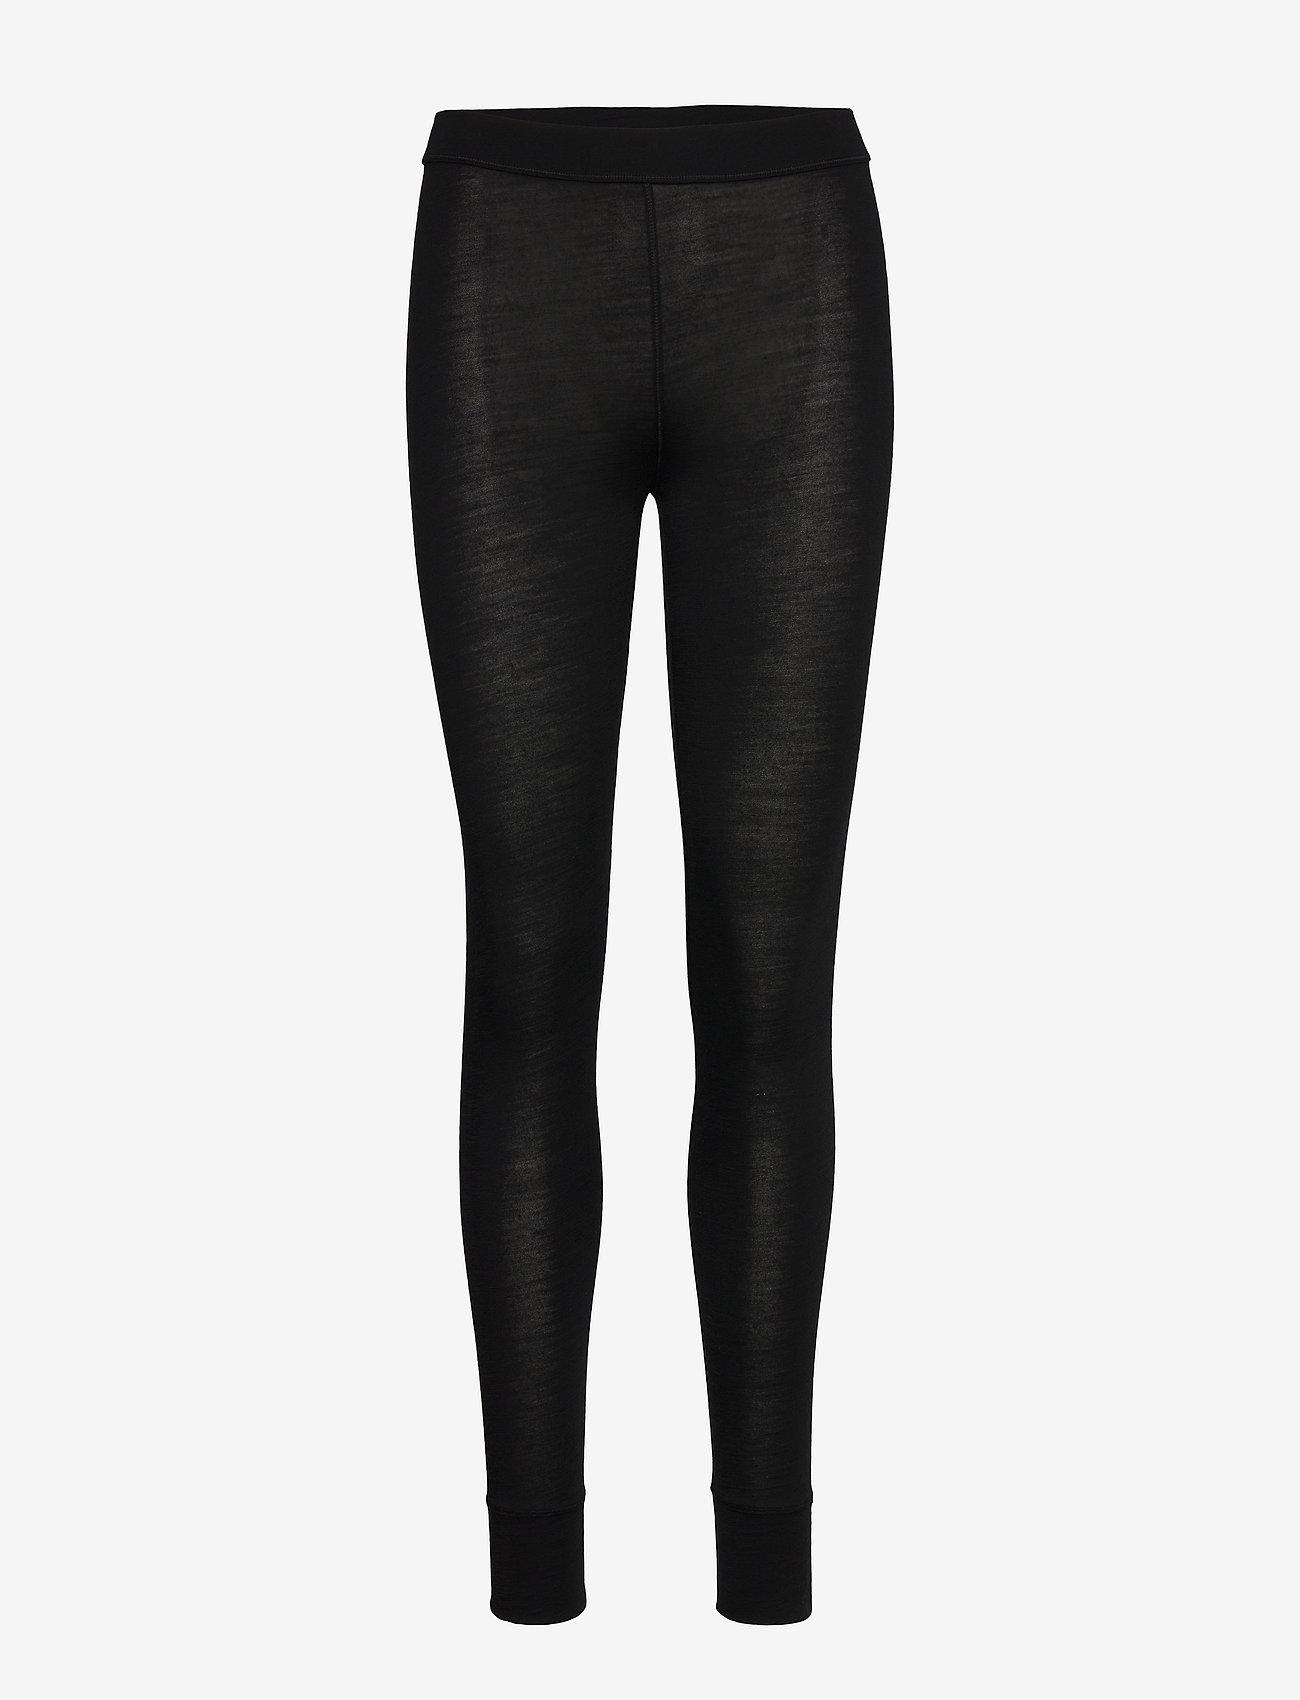 JBS of Denmark - JBS of DK pants wool - leggings - black - 0